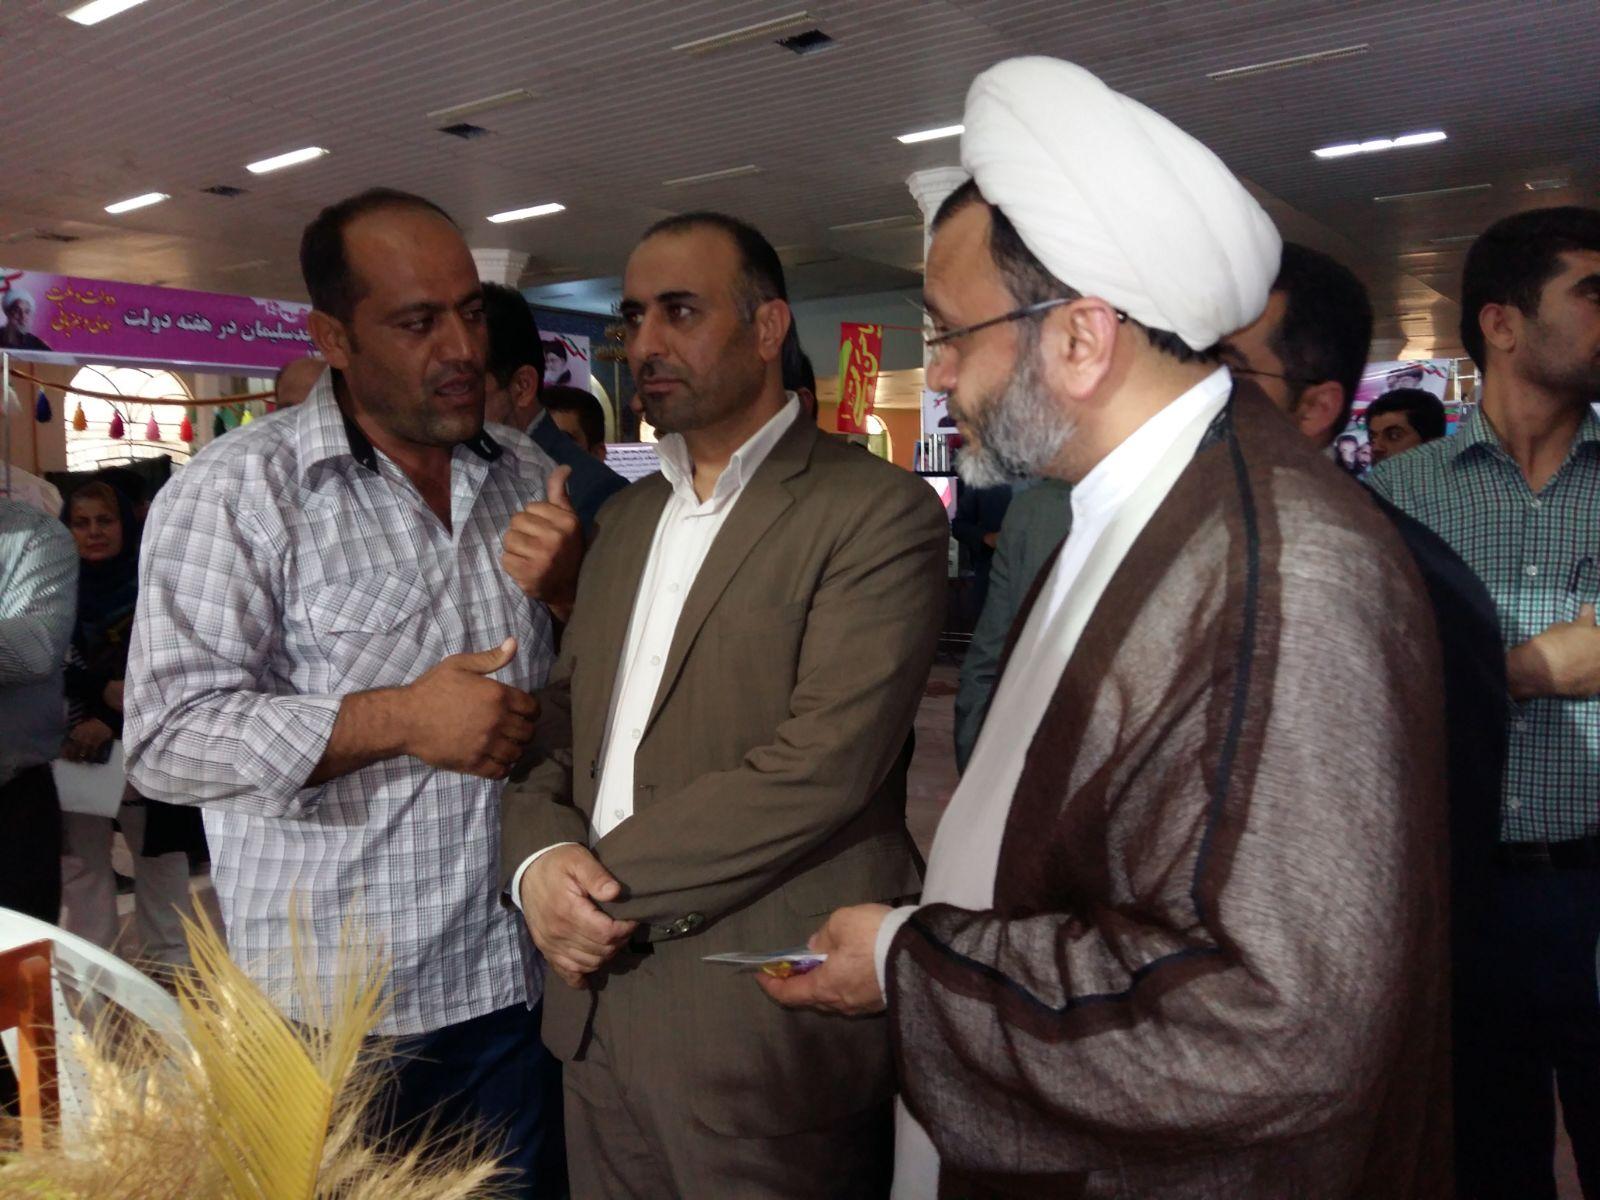 افتتاح غرفه انجمن زیست محیطی نگین ایران زاگرس در نمایشگاه دستاوردهای شهرستان مسجدسلیمان